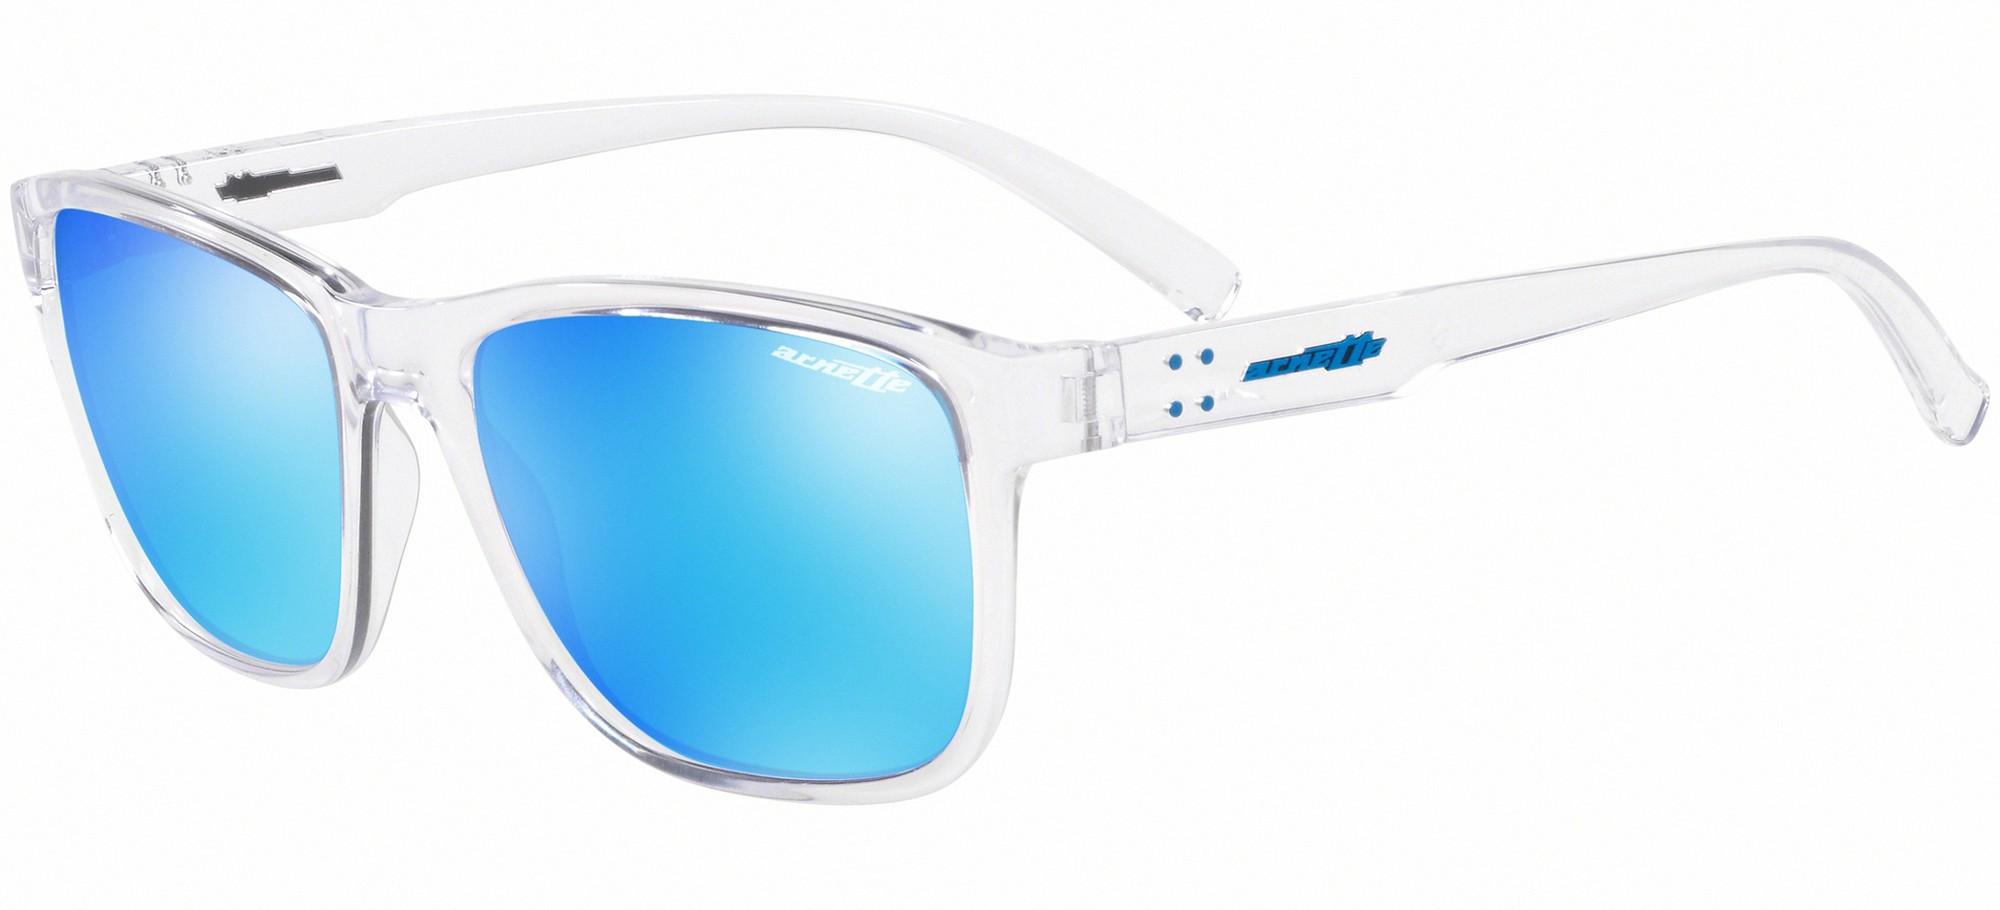 Arnette sunglasses SHOREDITCH AN 4255